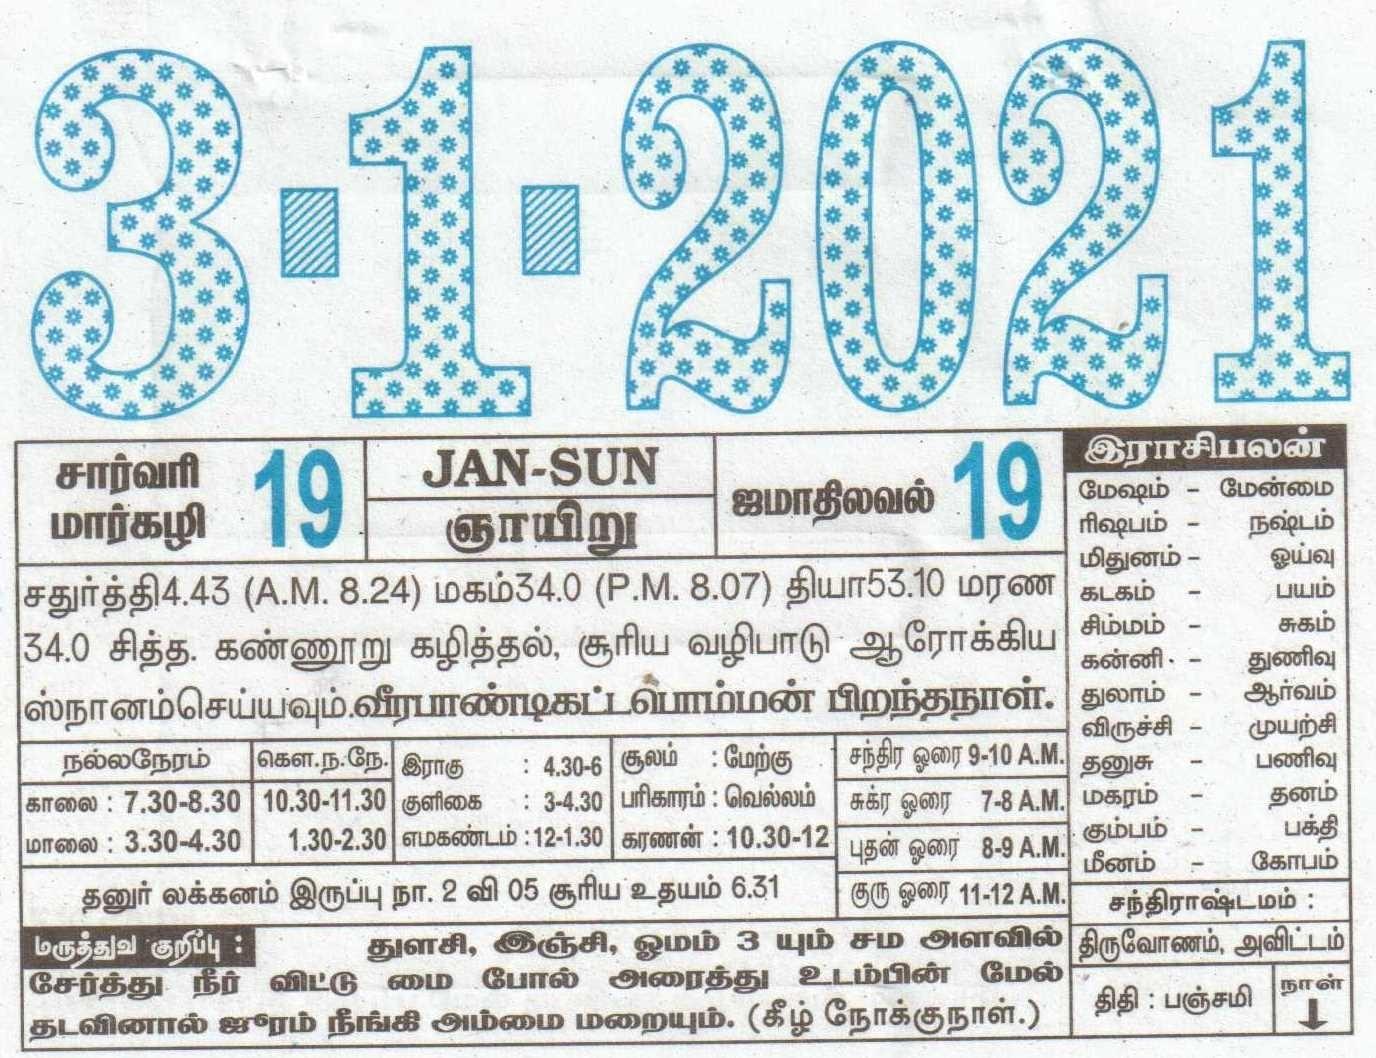 03-01-2021 Daily Calendar | Date 03 , January Daily Tear Off Calendar | Daily Panchangam Rasi Palan Tamil Monthly Calendar 2021 October